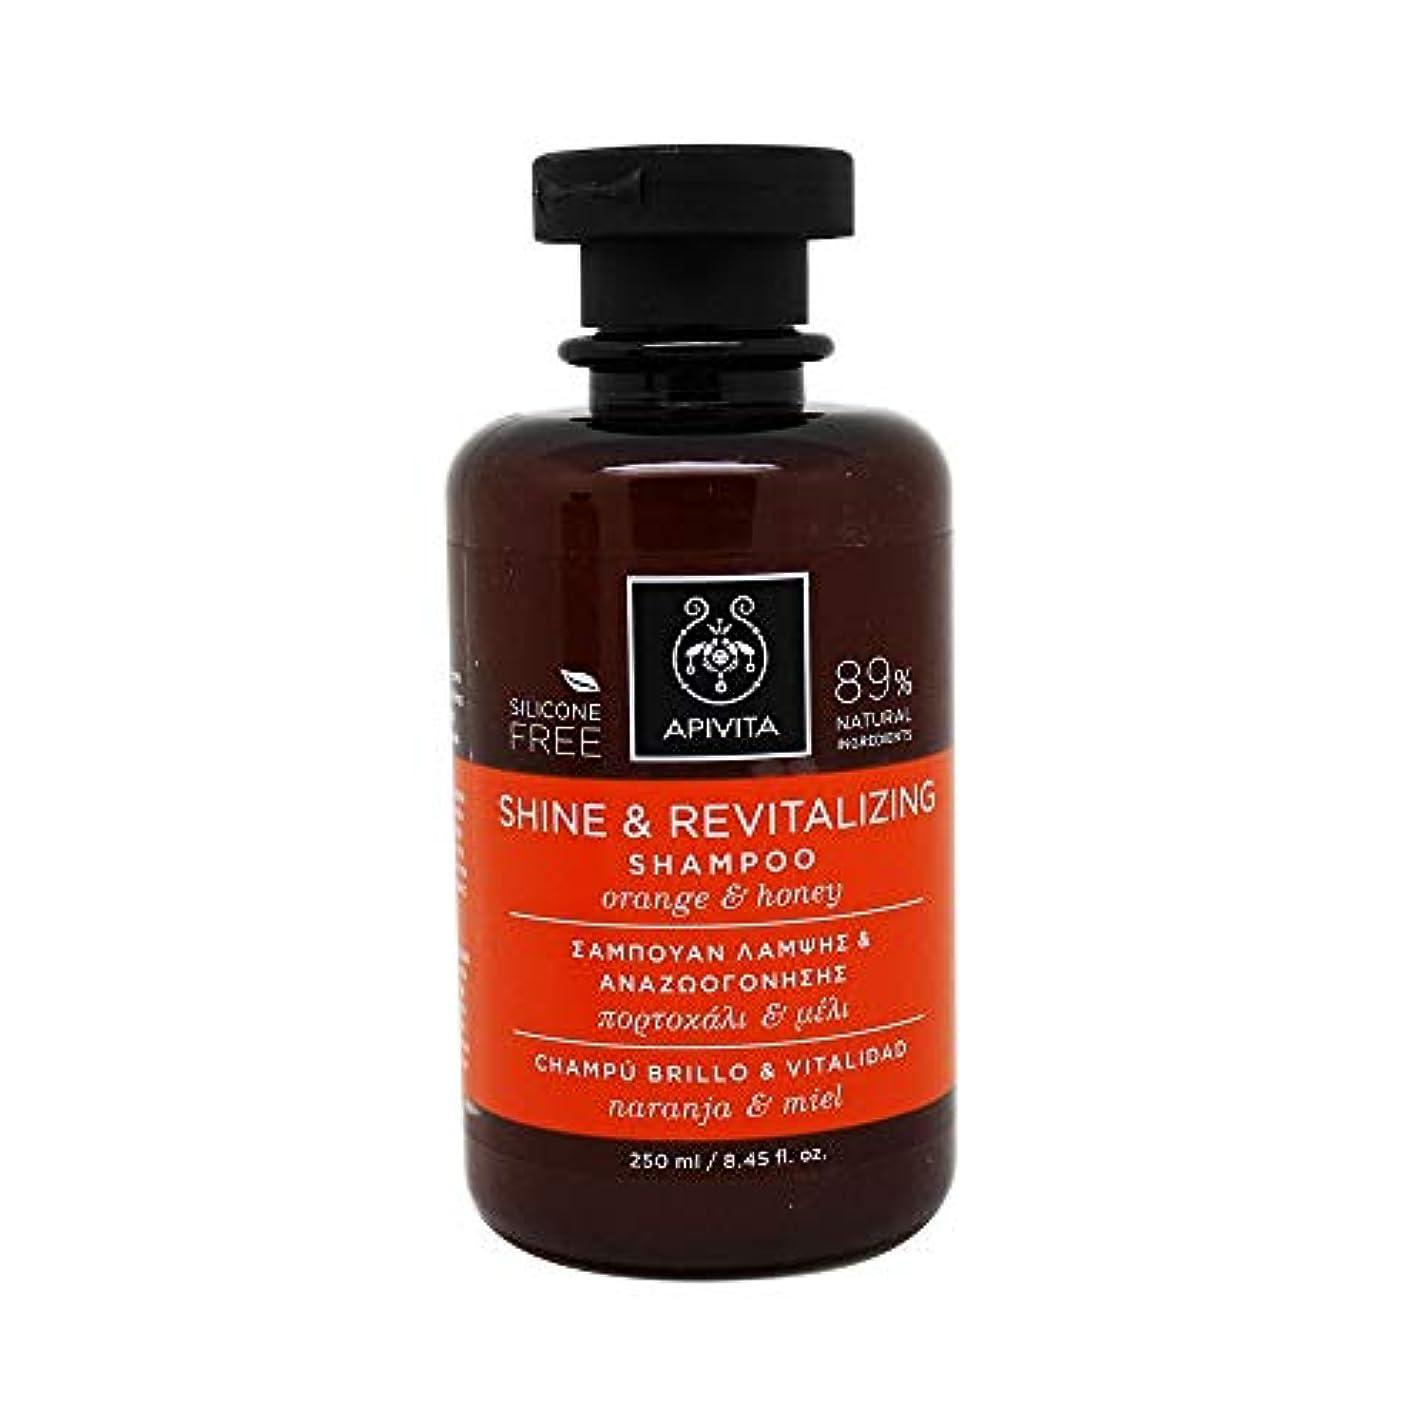 ドナーミリメートルスペクトラムアピヴィータ Shine & Revitalizing Shampoo with Orange & Honey (For All Hair Types) 250ml [並行輸入品]